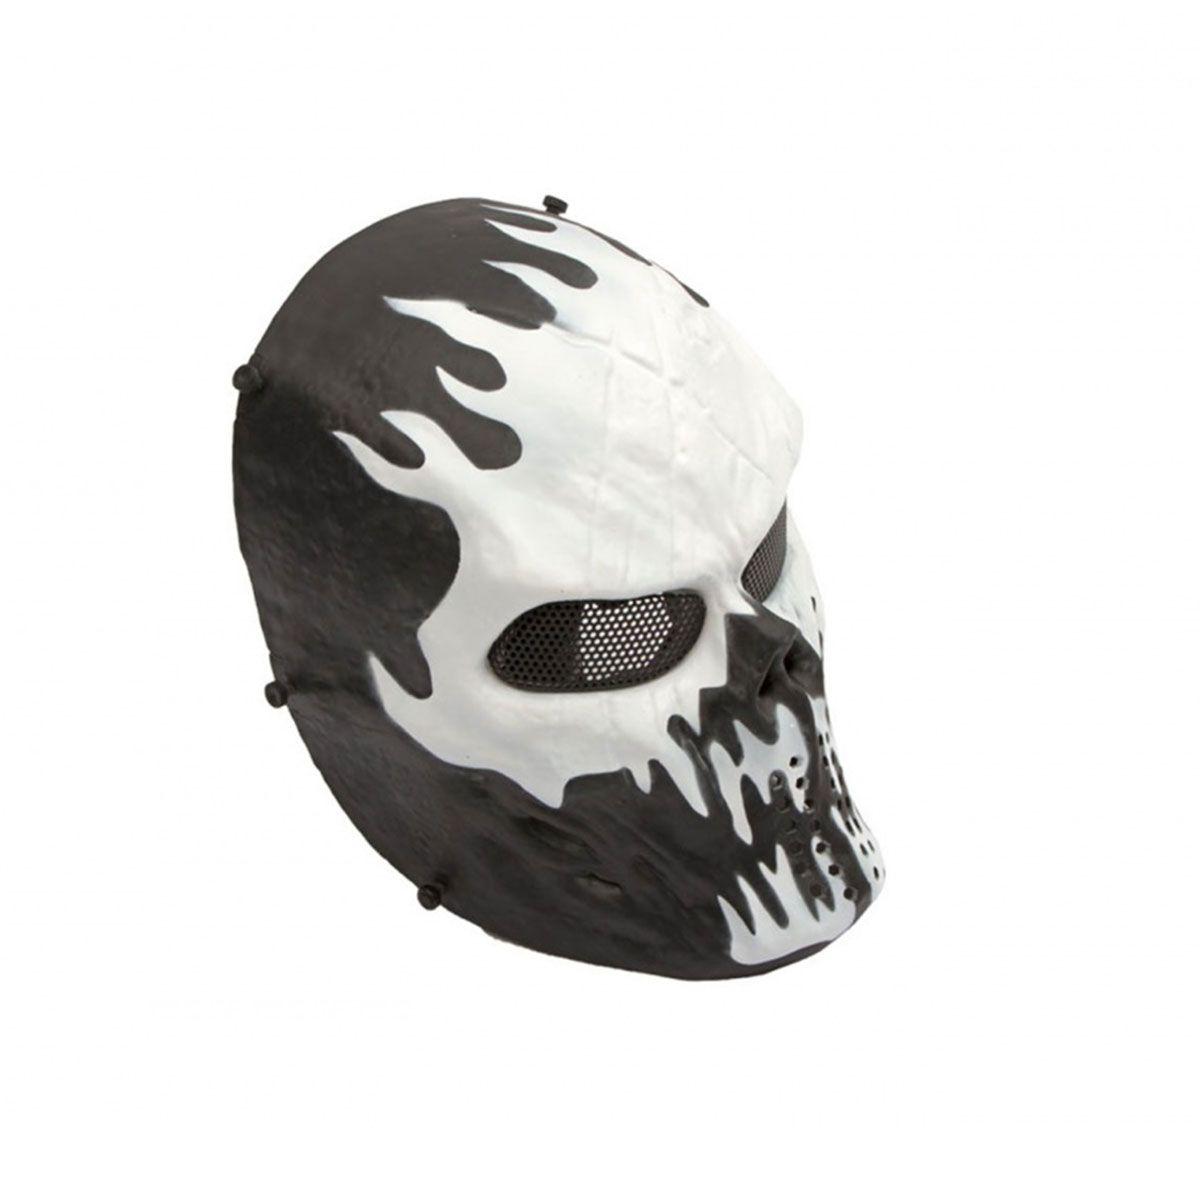 Máscara Tática Highlander Preta e Branca ABS Tela de Metal HY053